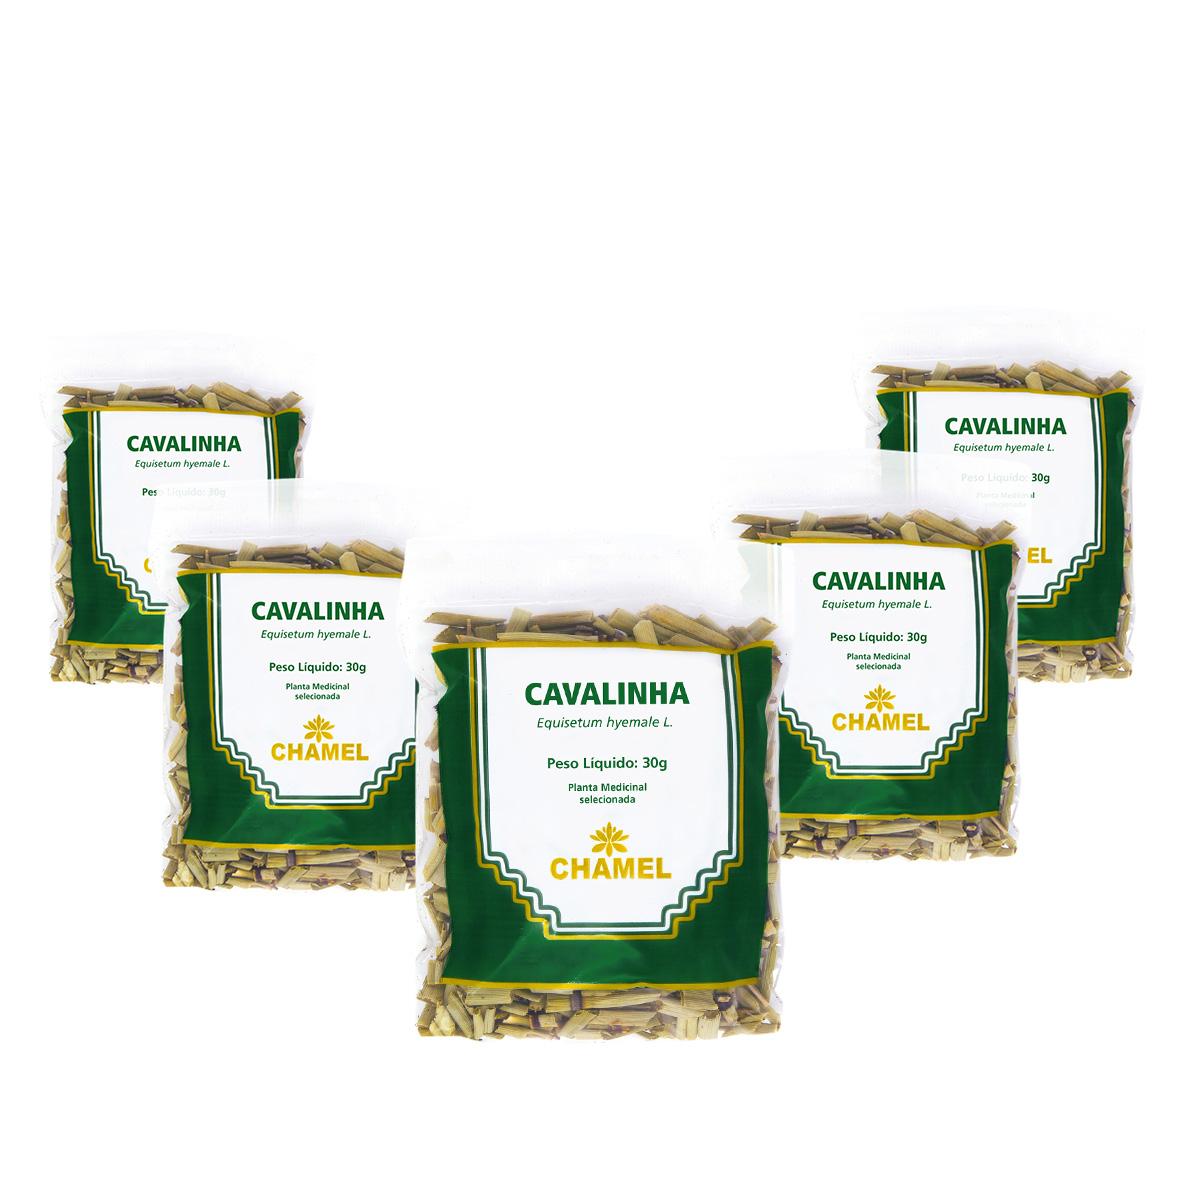 Kit Cavalinha 30g Chamel - Chá-Folhas